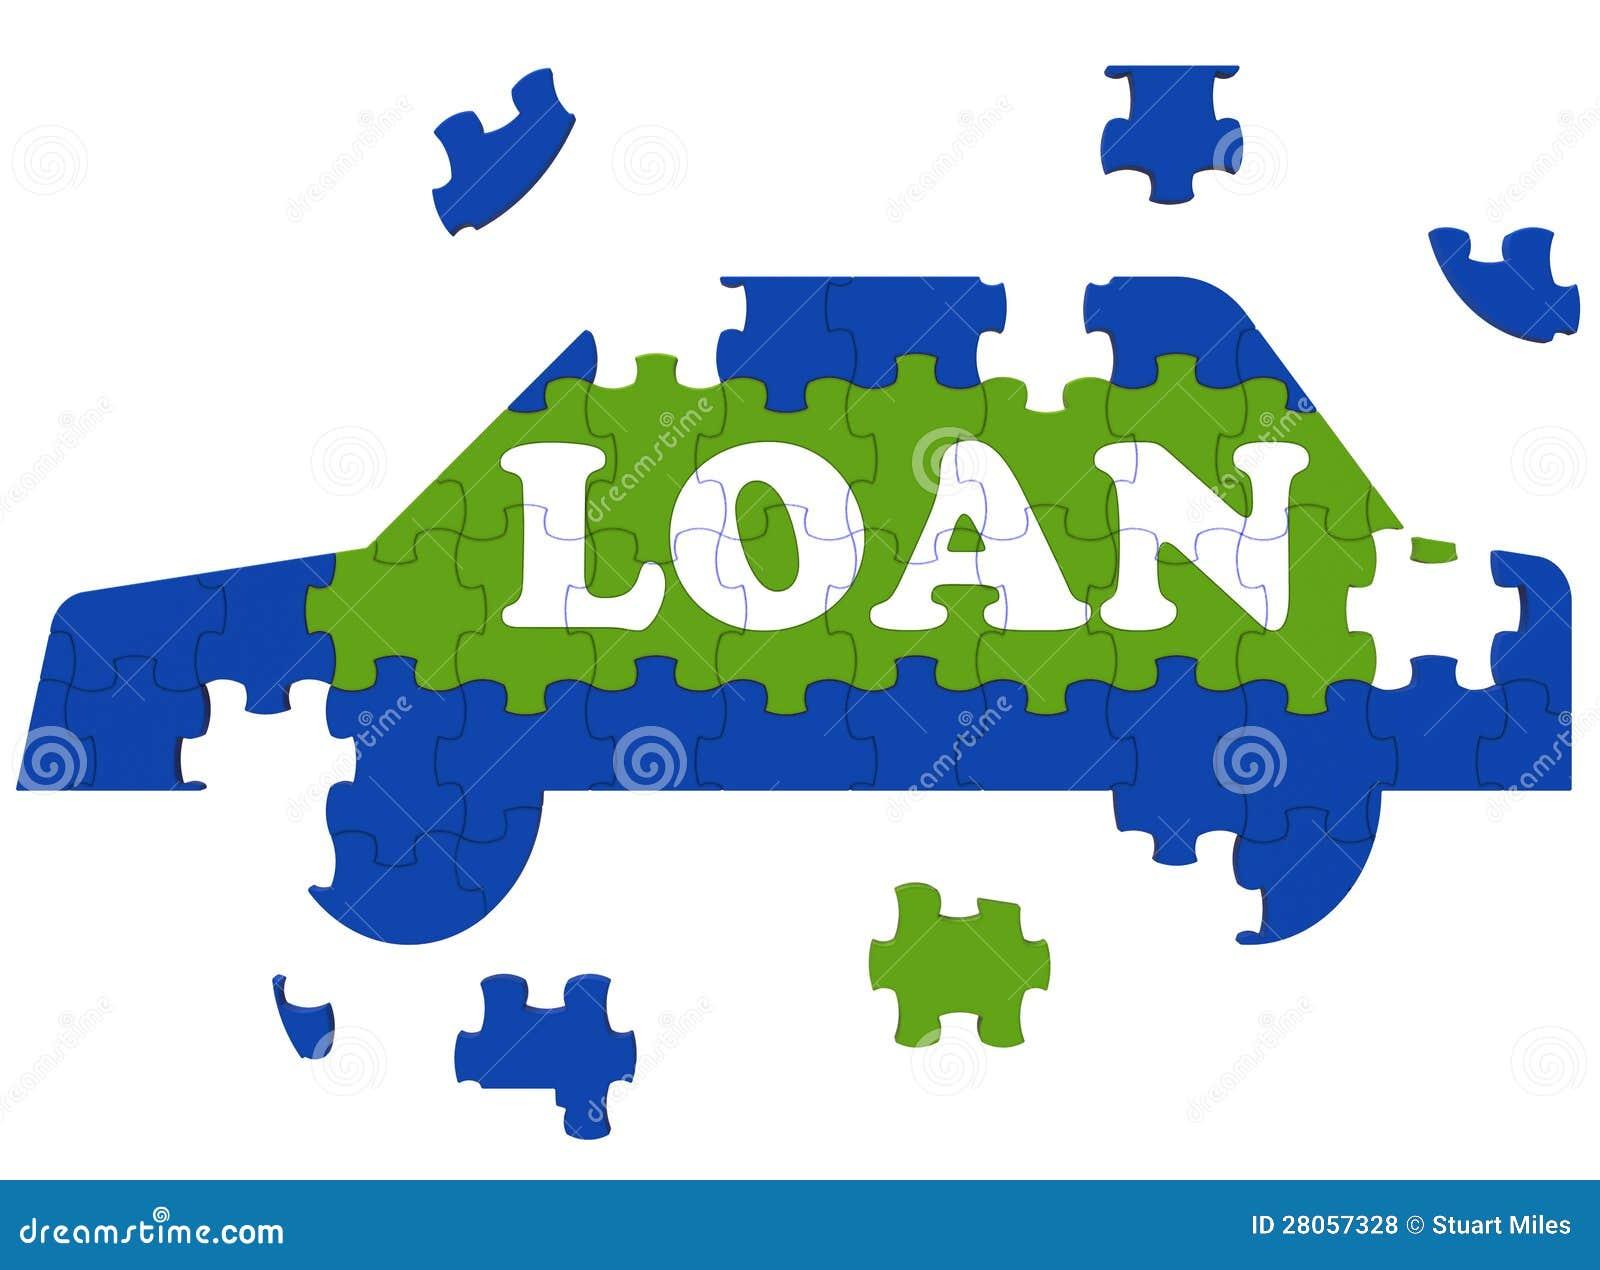 define loan re write agreement